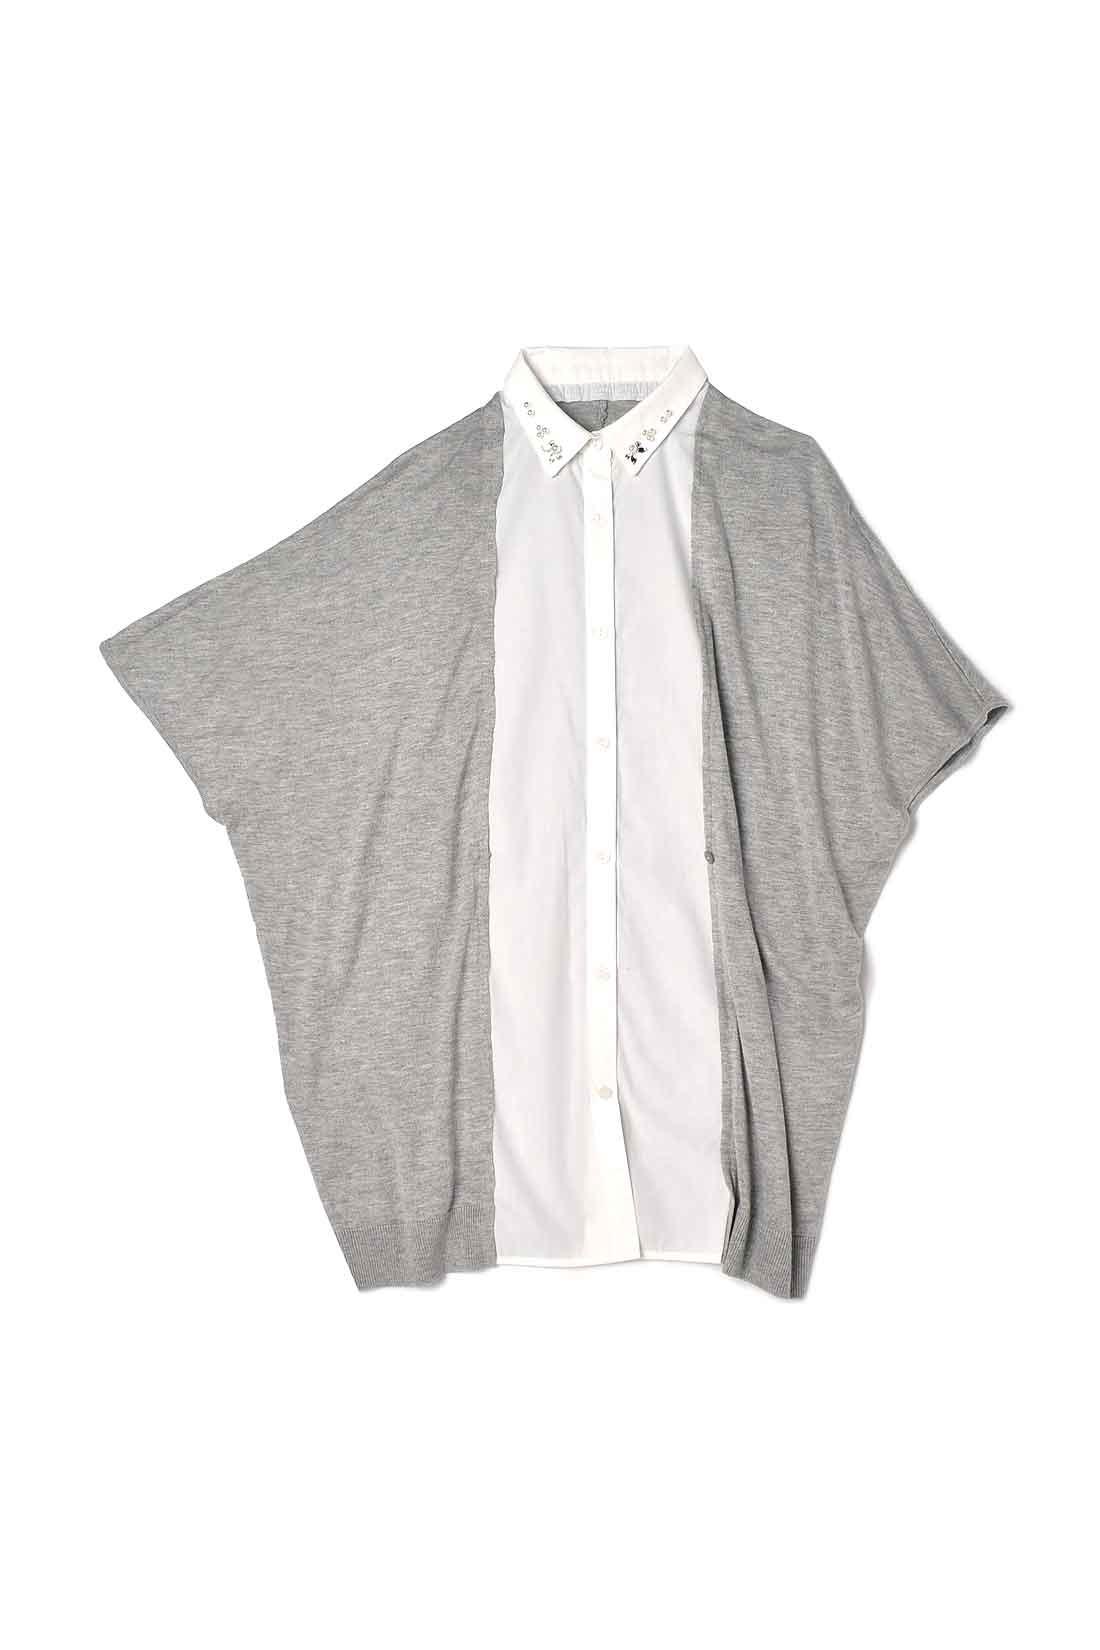 前身ごろでシャツとカーディガンがドッキング。ボタンを留めるとすっきり細見えシルエット、開けるとすとんと着られます。